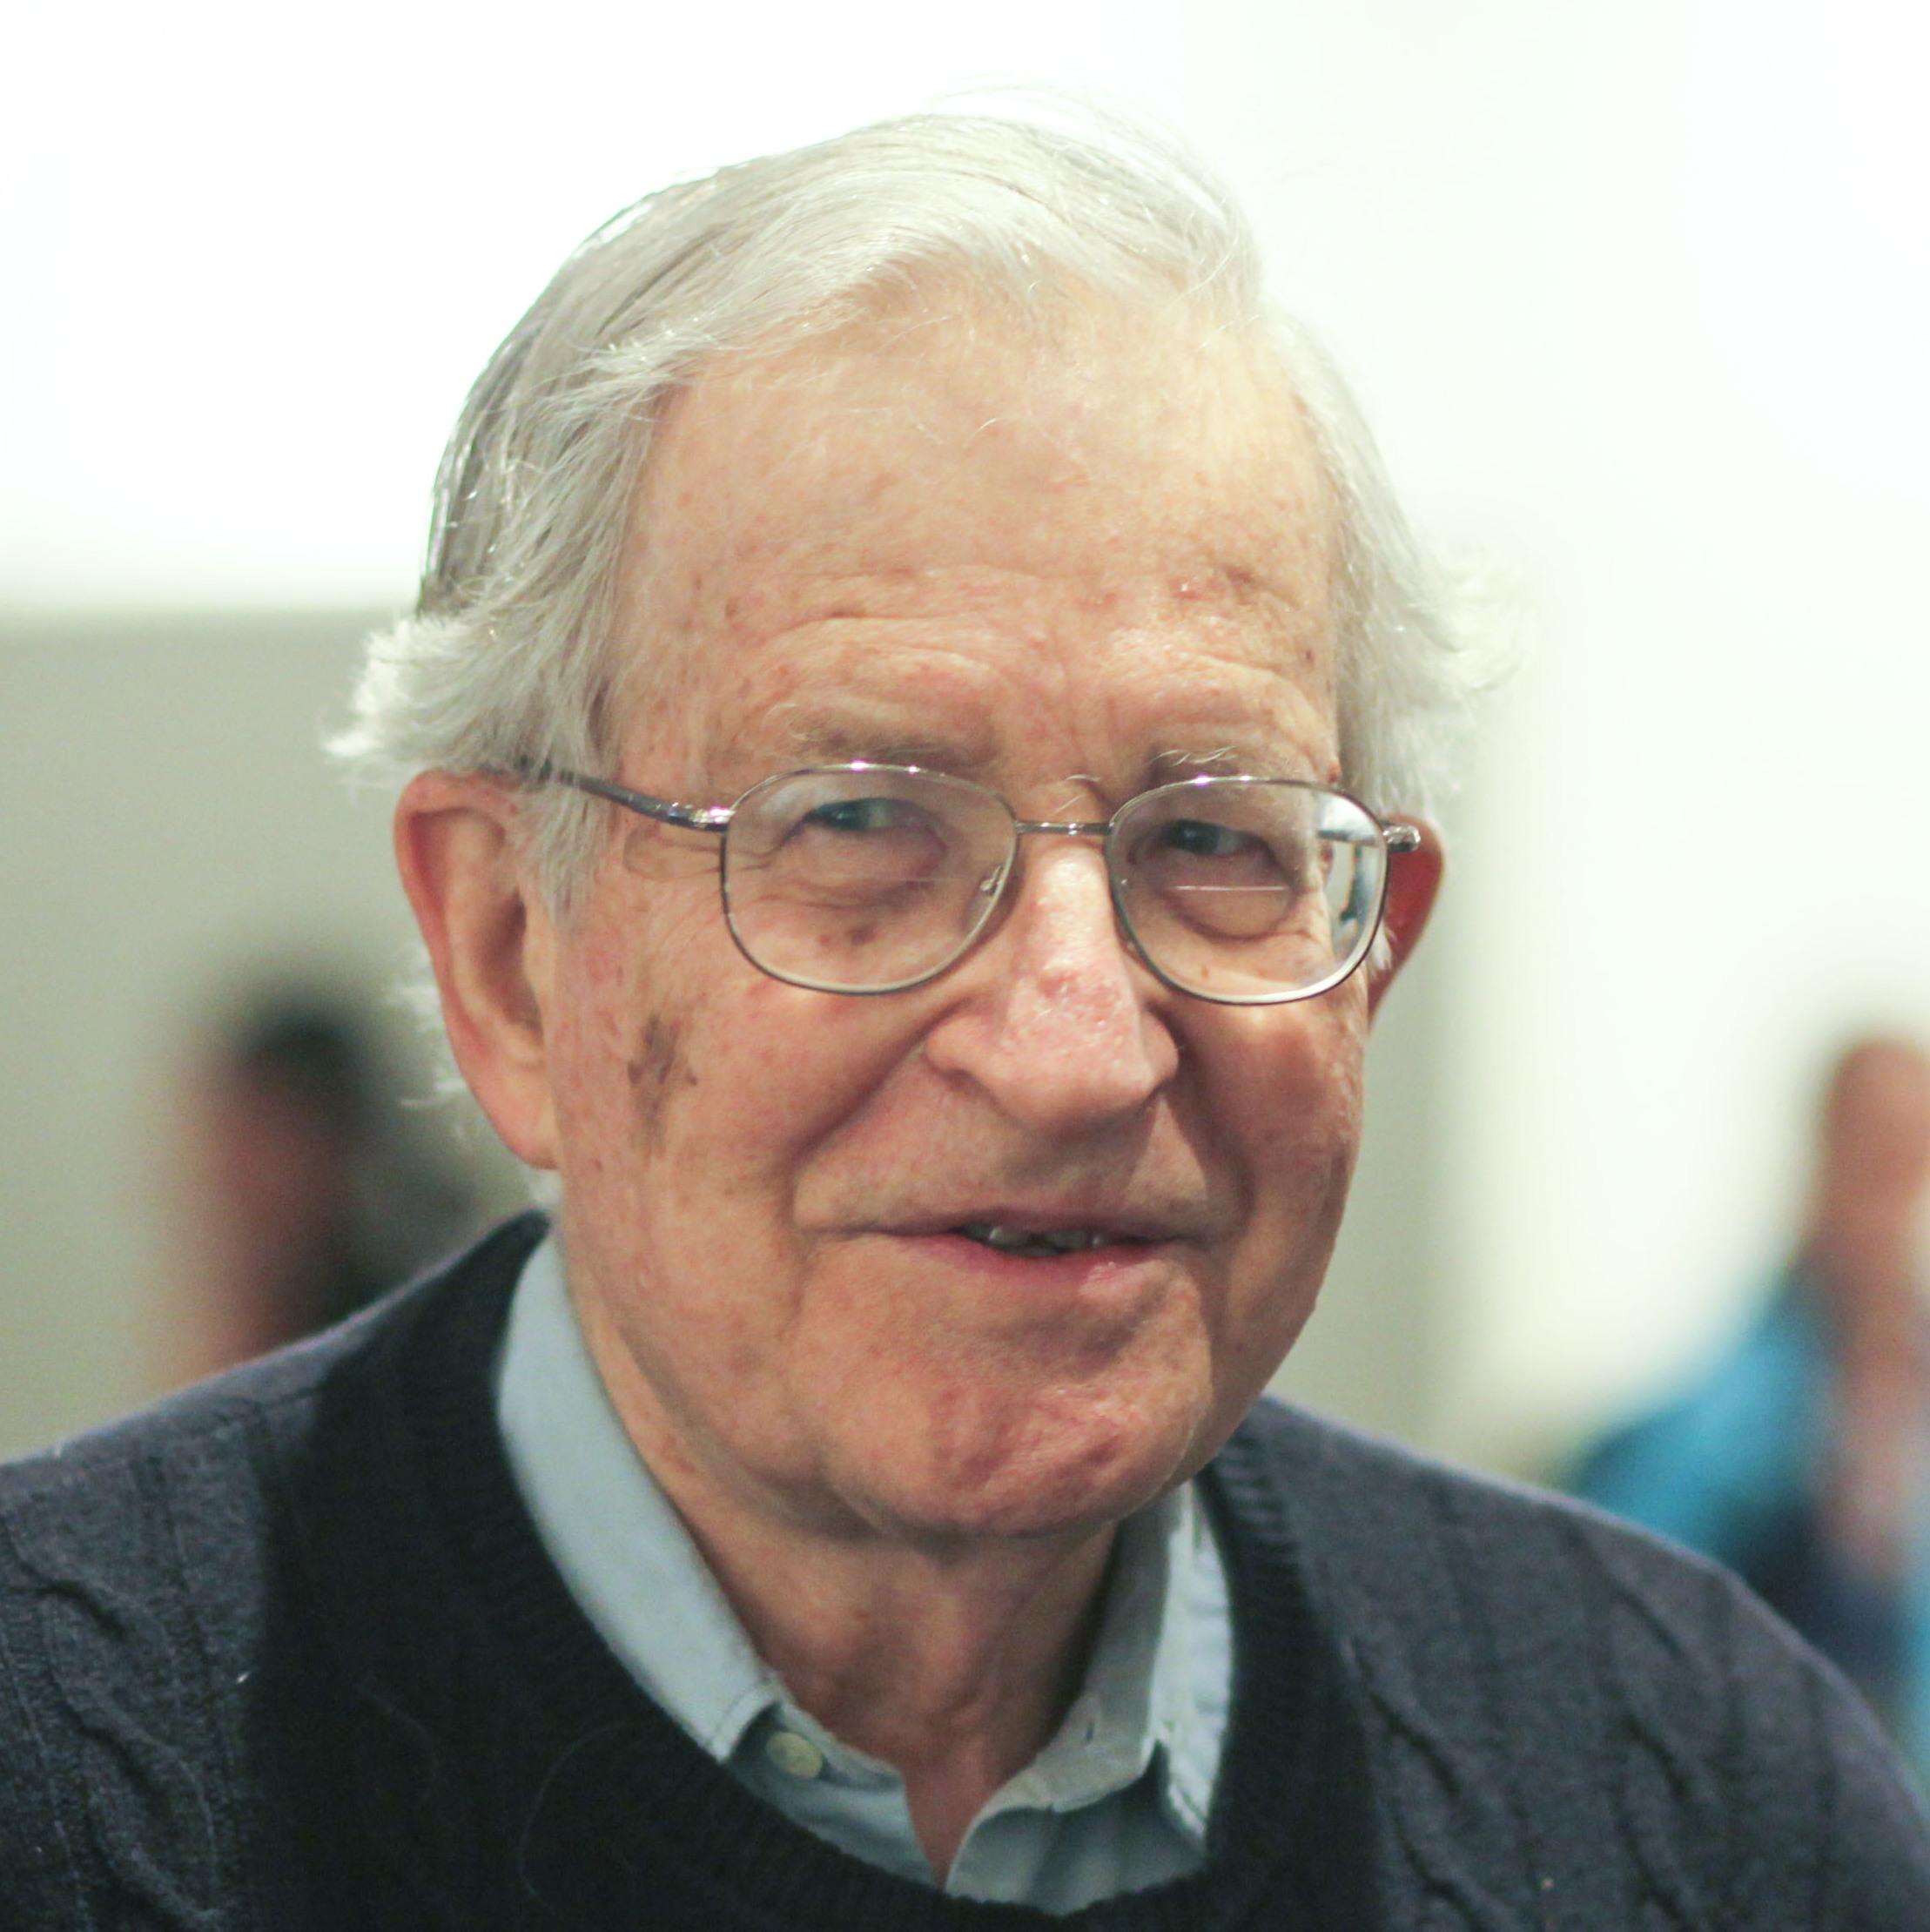 Noam Chomsky photo #100919, Noam Chomsky image